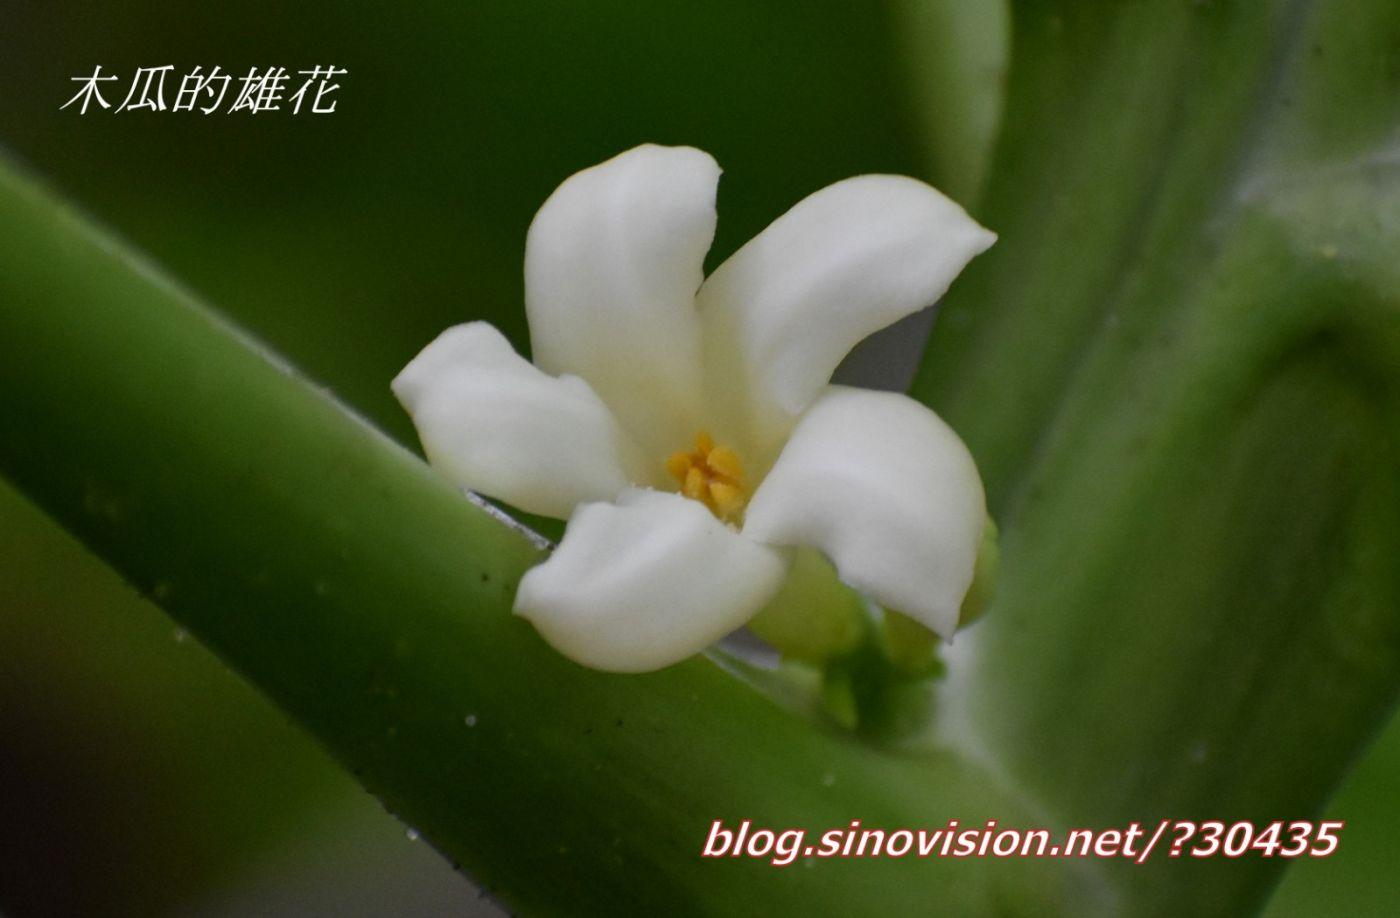 木瓜开花_图1-1